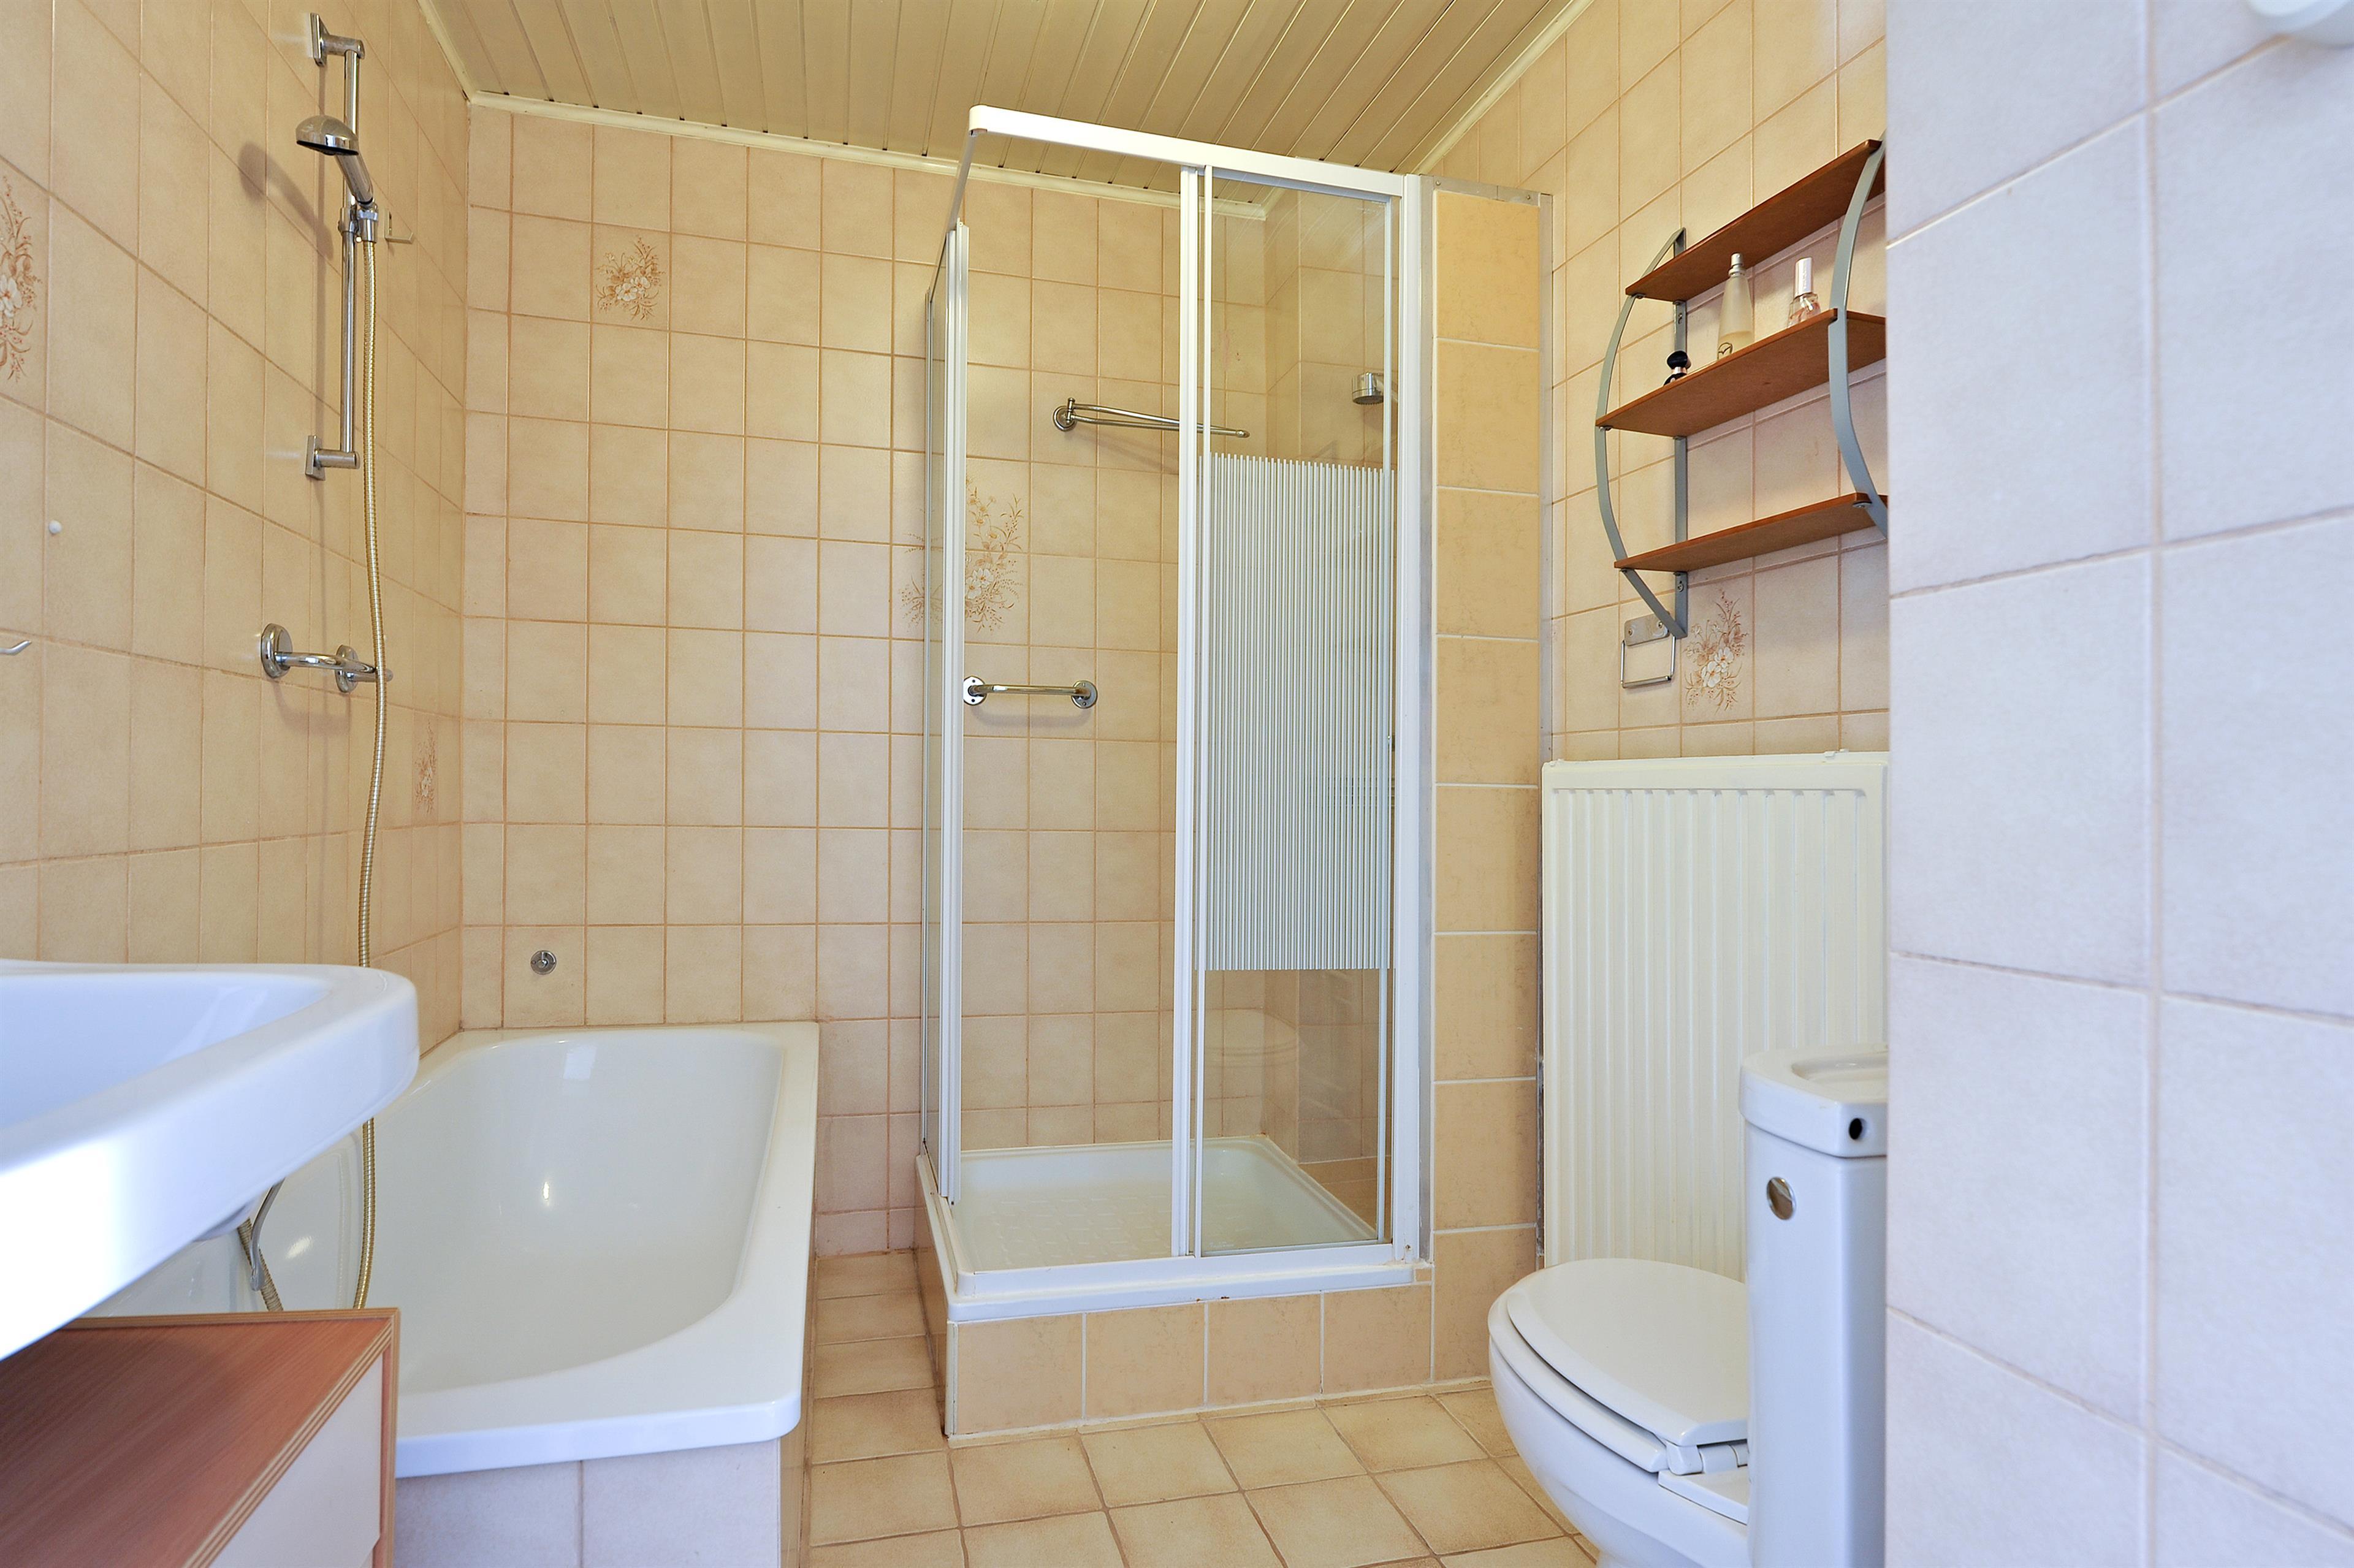 Te koop melkweg 43 hoorn hoekstra en van eck m r makelaar - Functionele badkamer ...